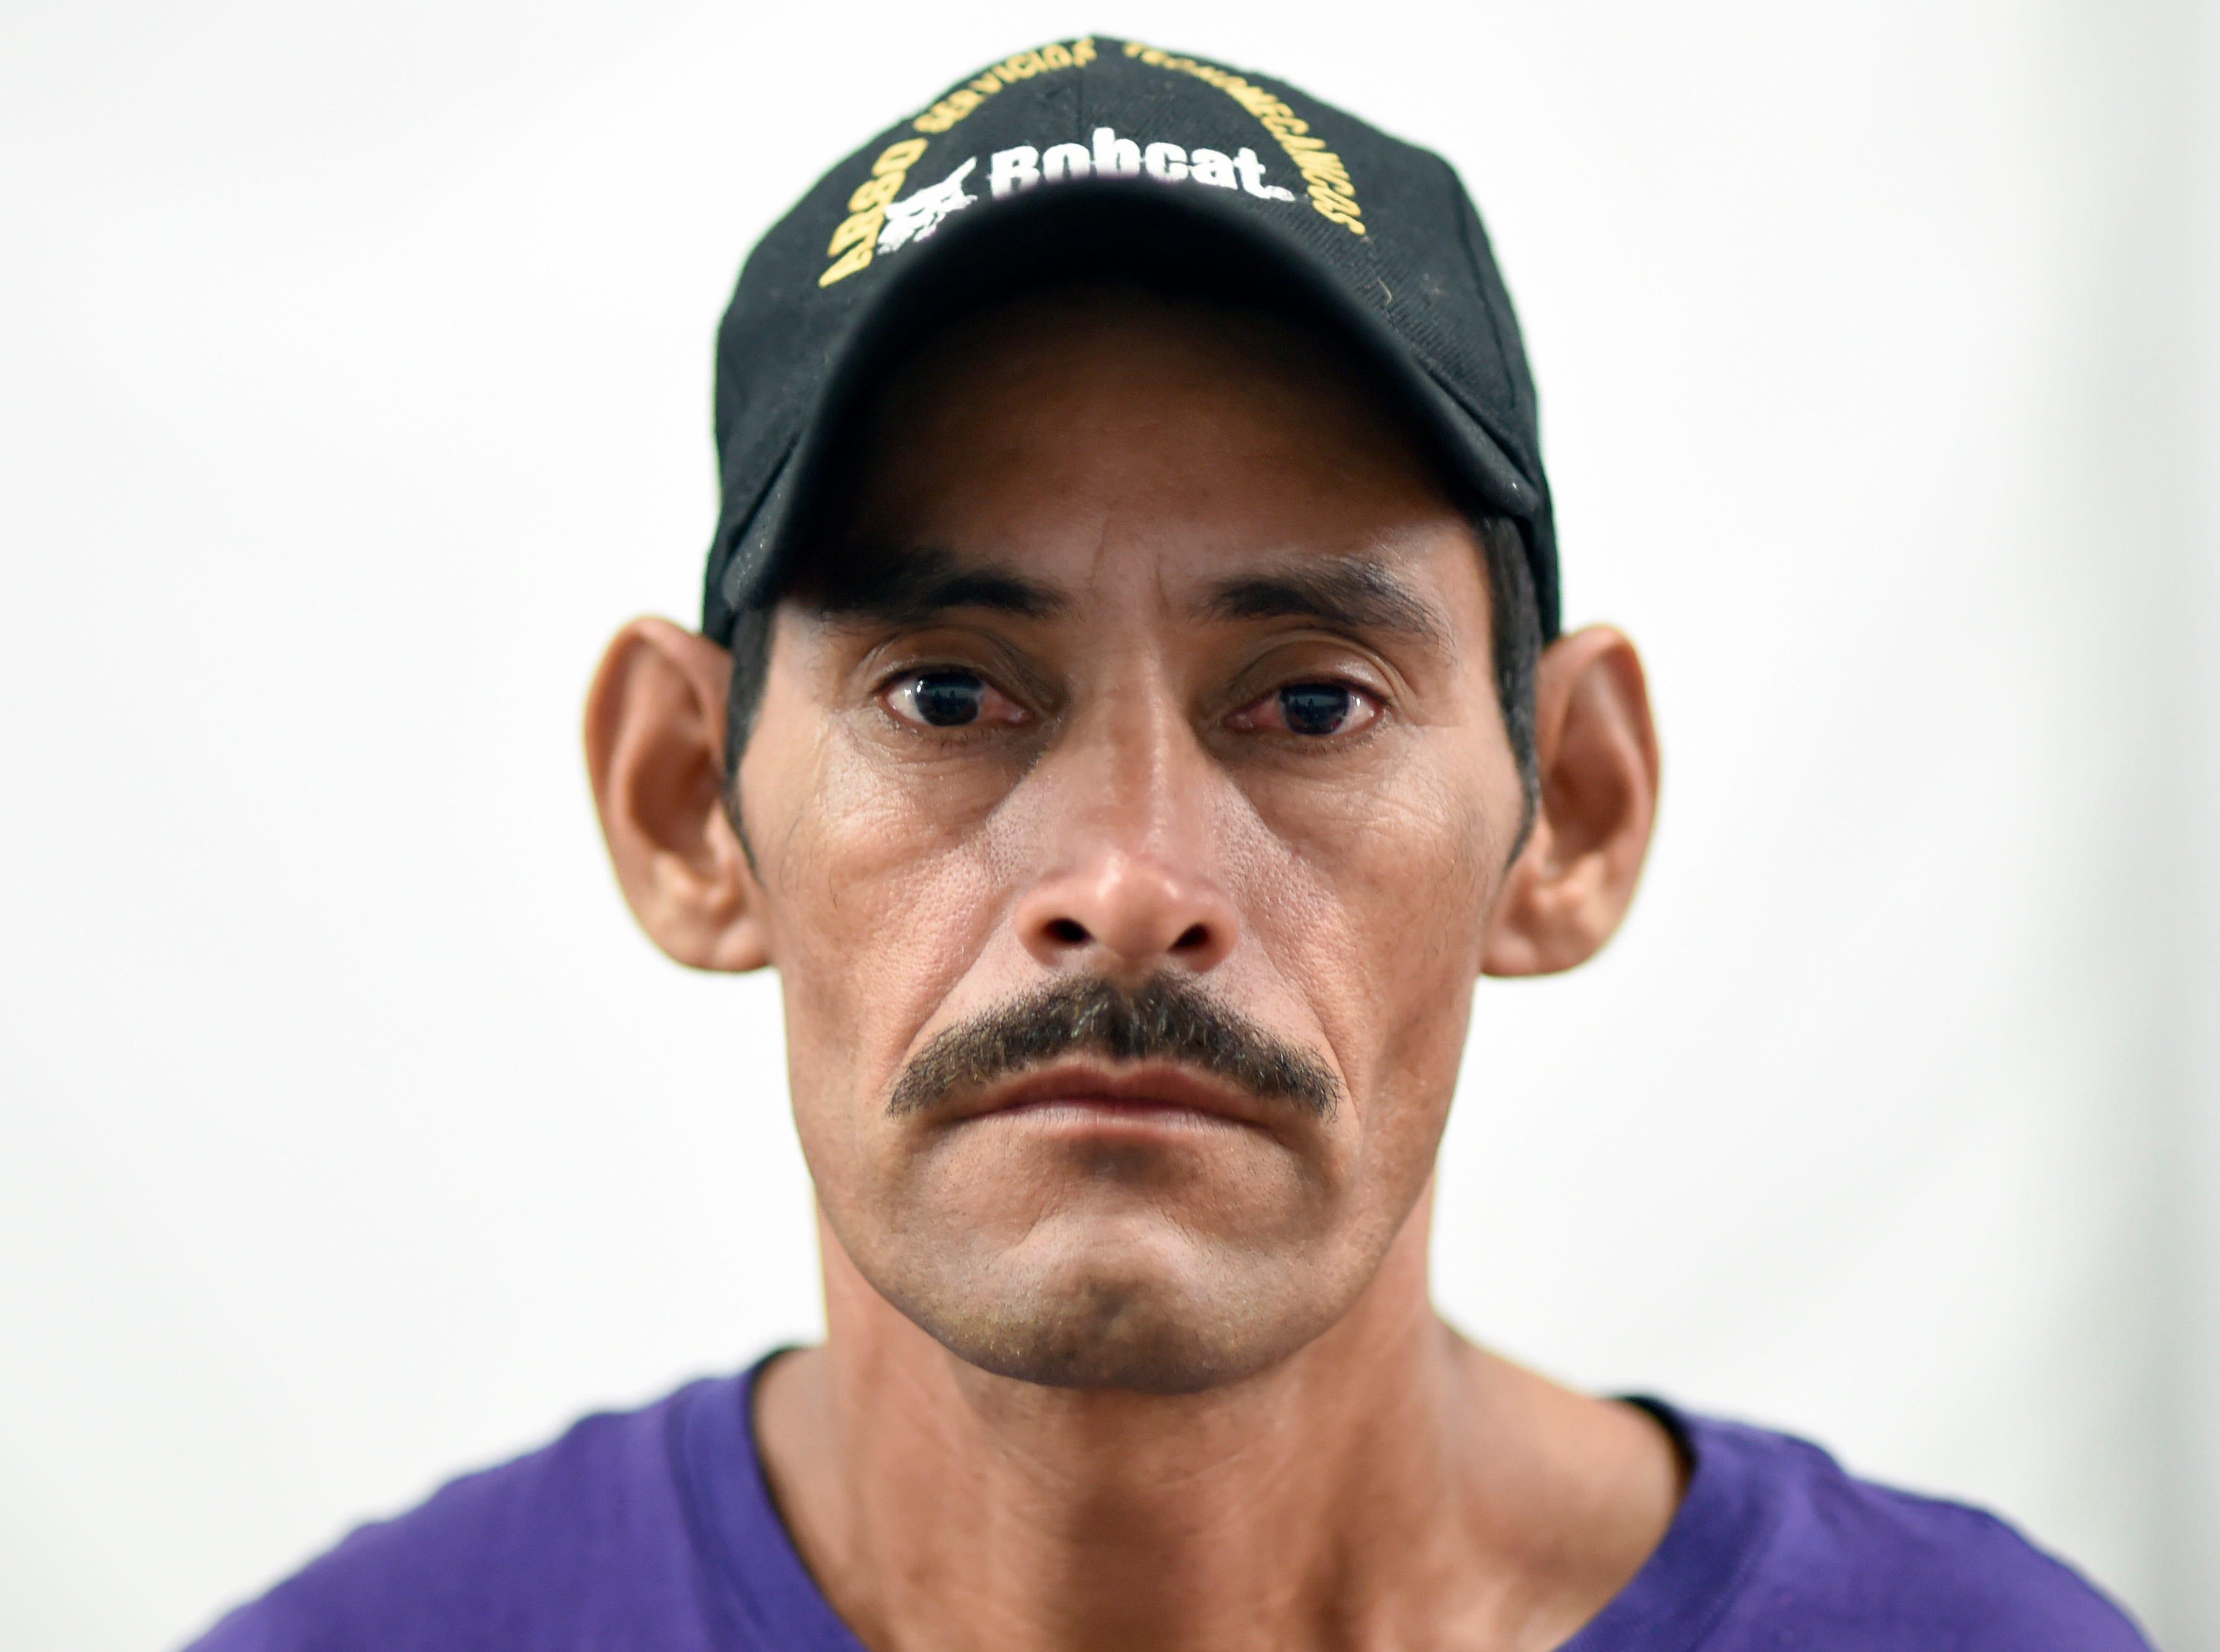 José Romero, hondureño, 42 años. Estos son los rostros de los migrantes centroamericanos que huyen de la pobreza y violencia que se vive en sus países; y que por medio de una caravana caminan cientos de kilómetros cruzando ciudades, ríos, carreteras, bosques y fronteras, con el firme propósito de hacer realidad su sueño de llegar a los Estados Unidos.